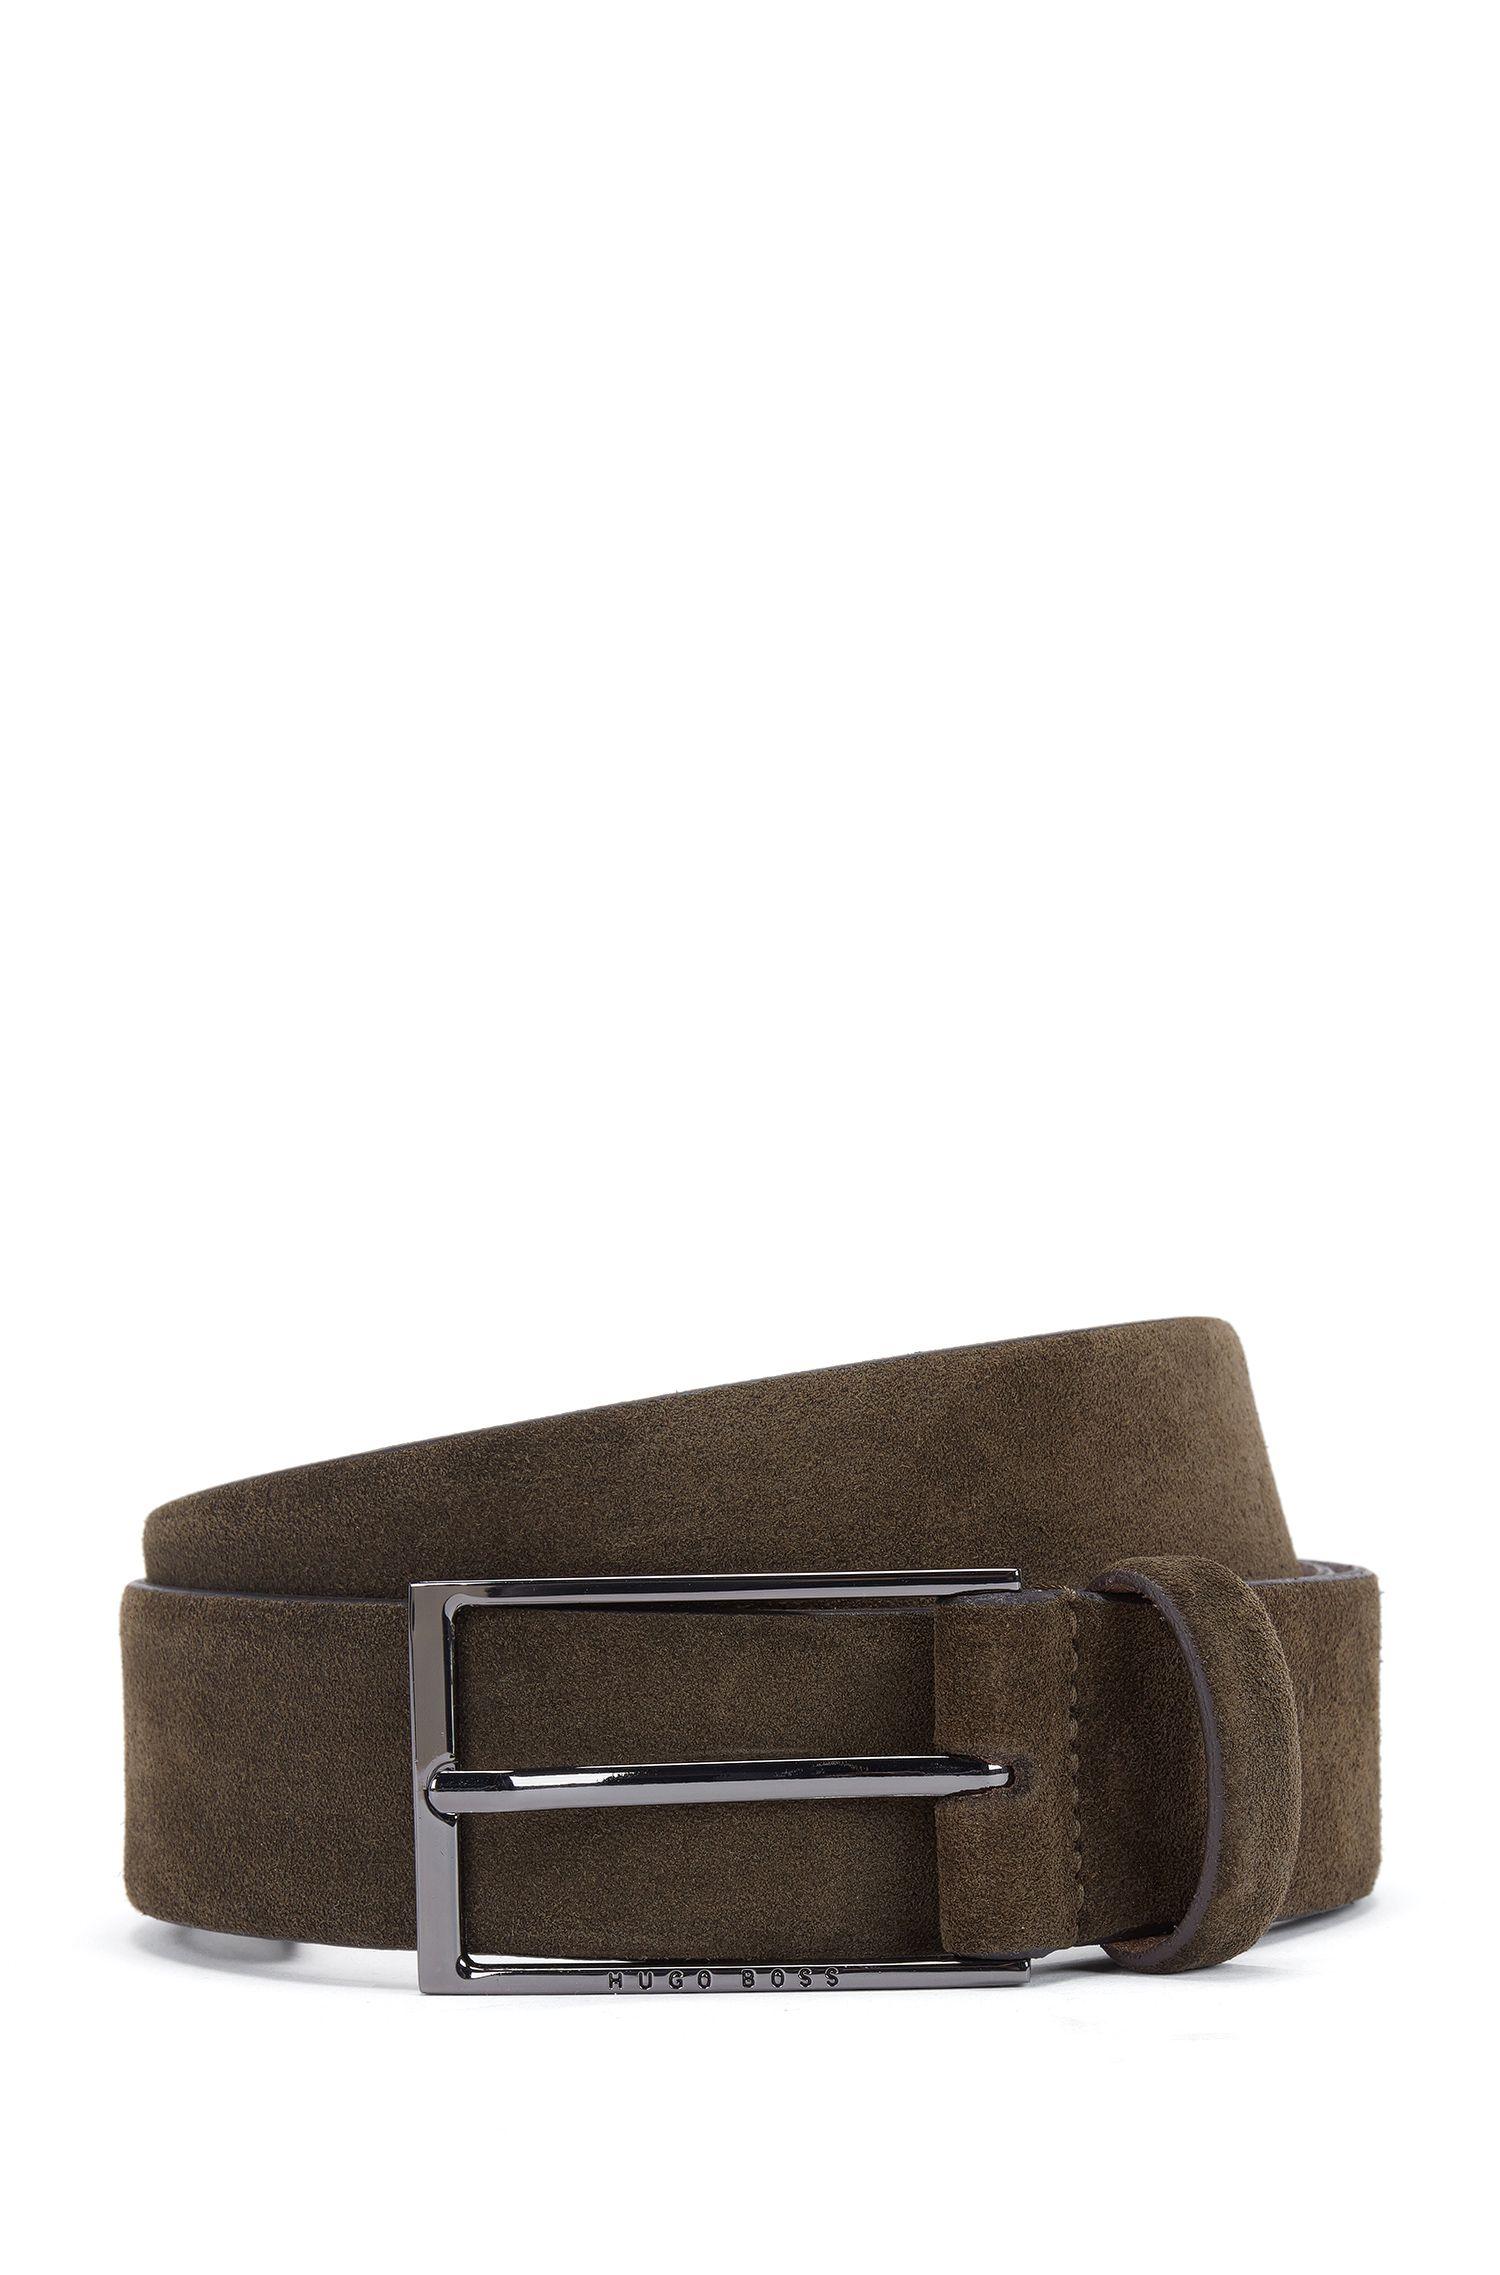 Cinturón de suave ante con hebilla pulida de metal pesado